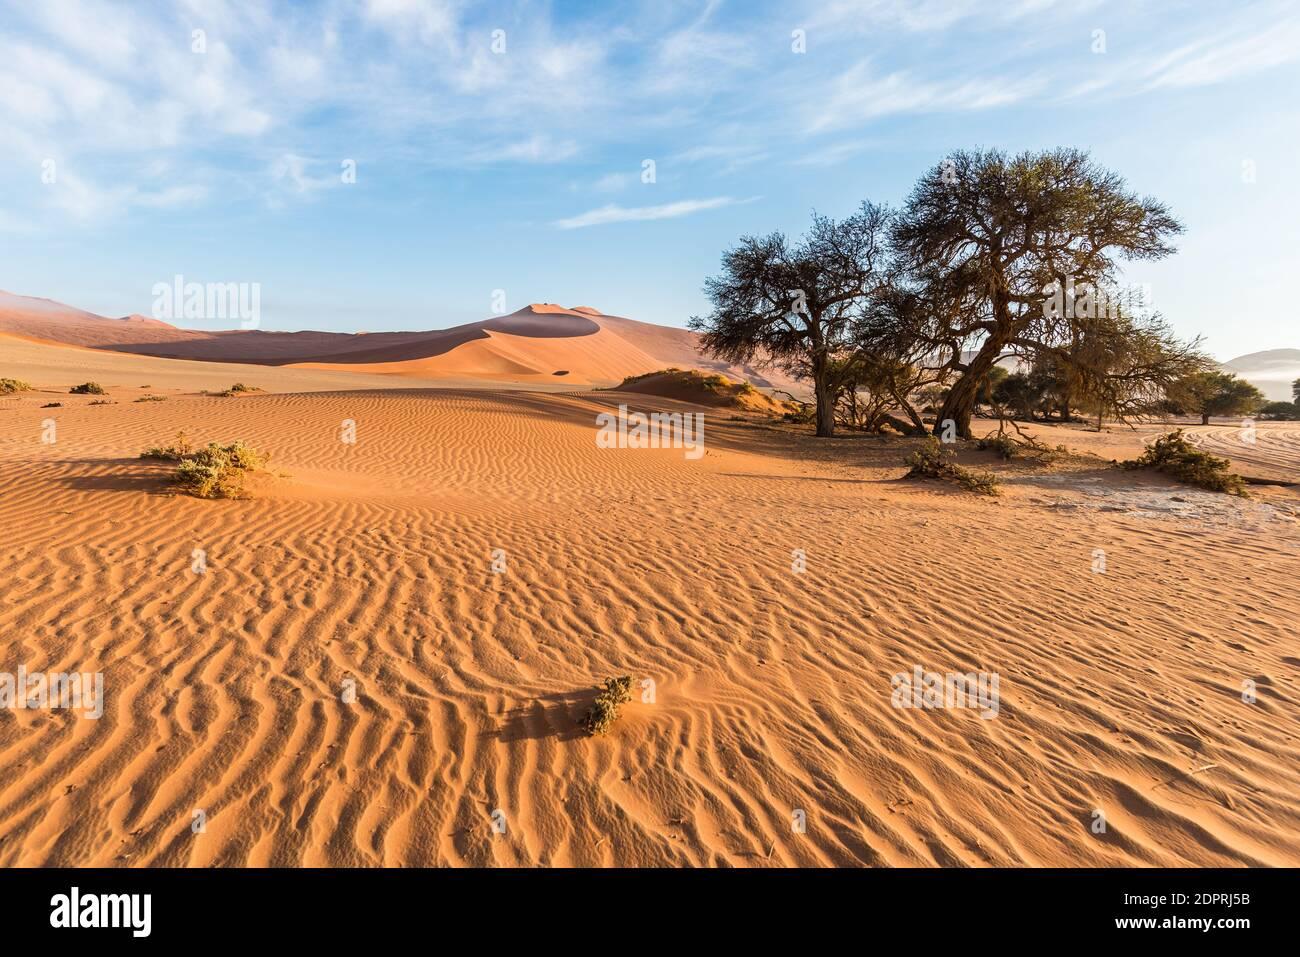 Les paysages Sossusvlei et Deadvlei, terre battue et sel avec des Acacia tressés entourés de majestueuses dunes de sable. Namib Naukluft National Park, principale attraction touristique et destination de voyage en Namibie. Banque D'Images